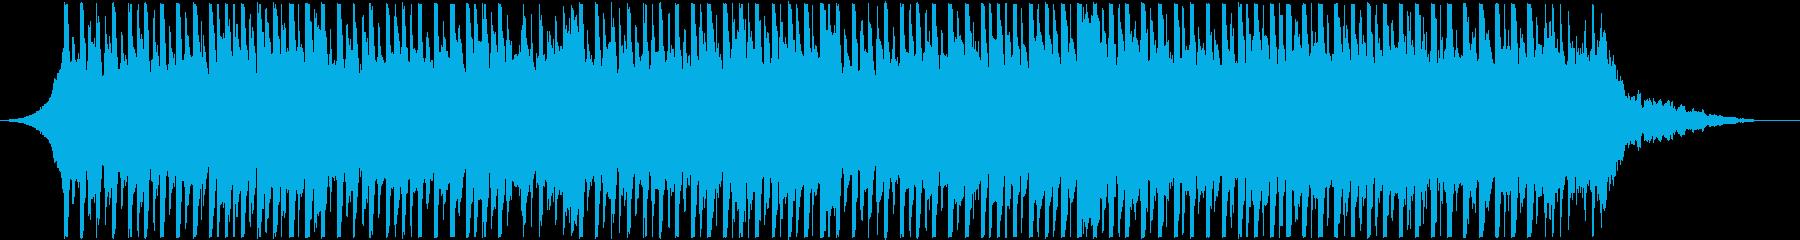 ビジネス(55秒)の再生済みの波形